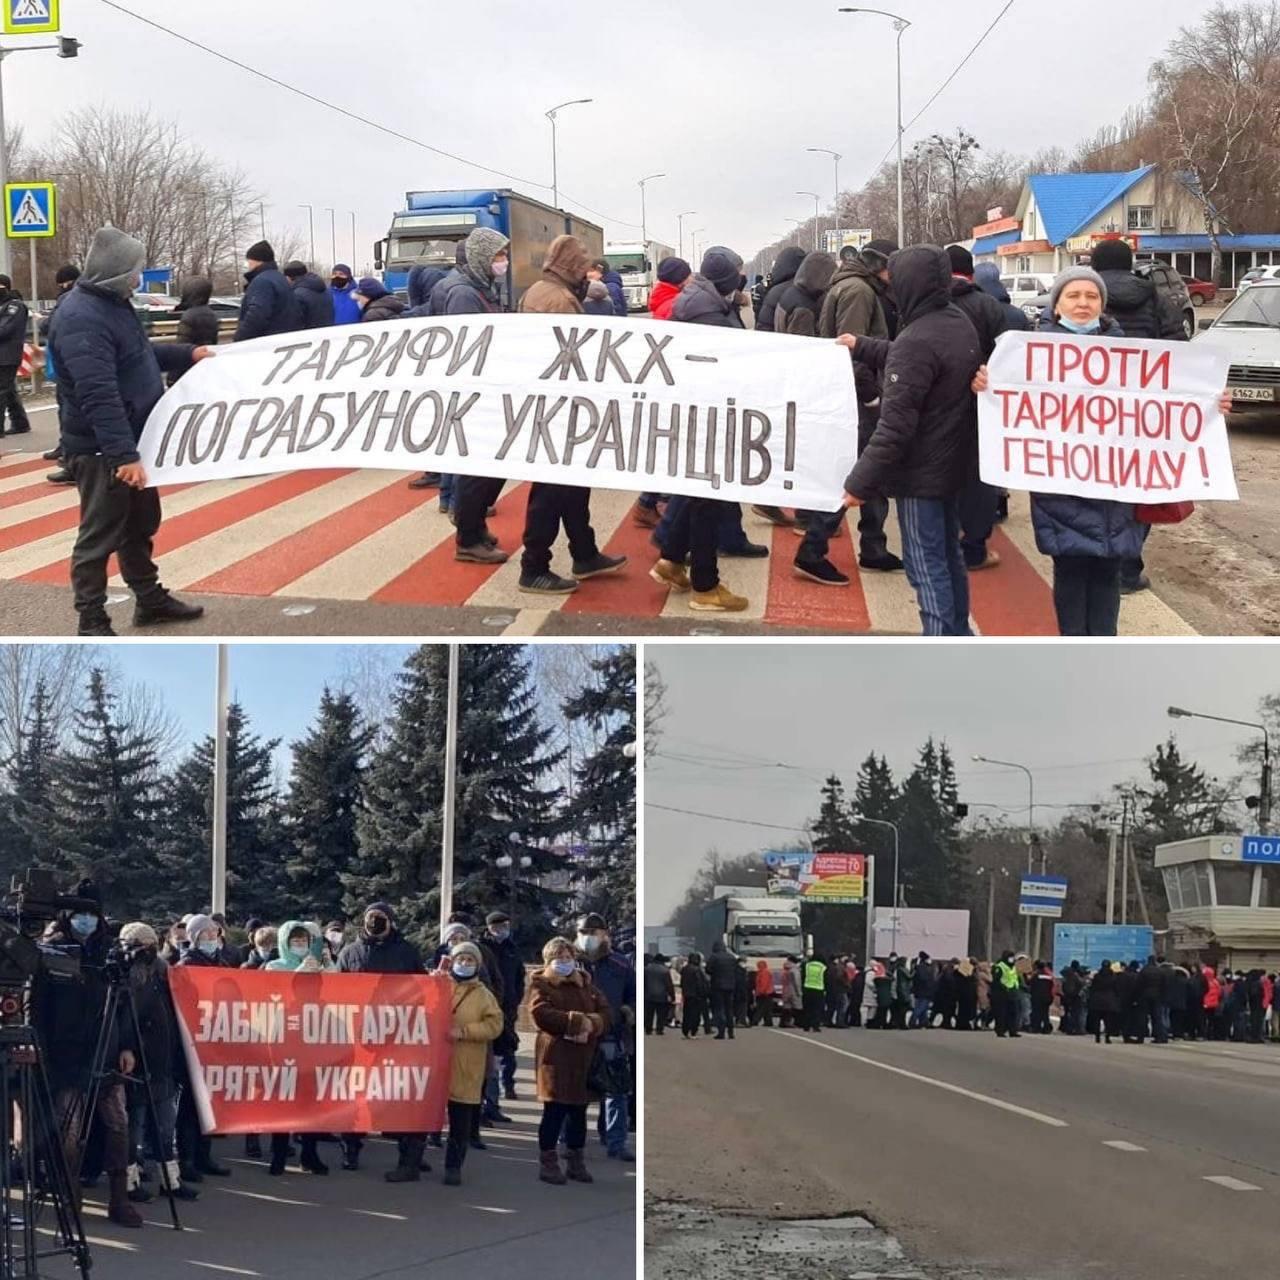 """""""Против тарифного геноцида"""": в Измаиле и ряде городов Украины прошли акции протеста"""